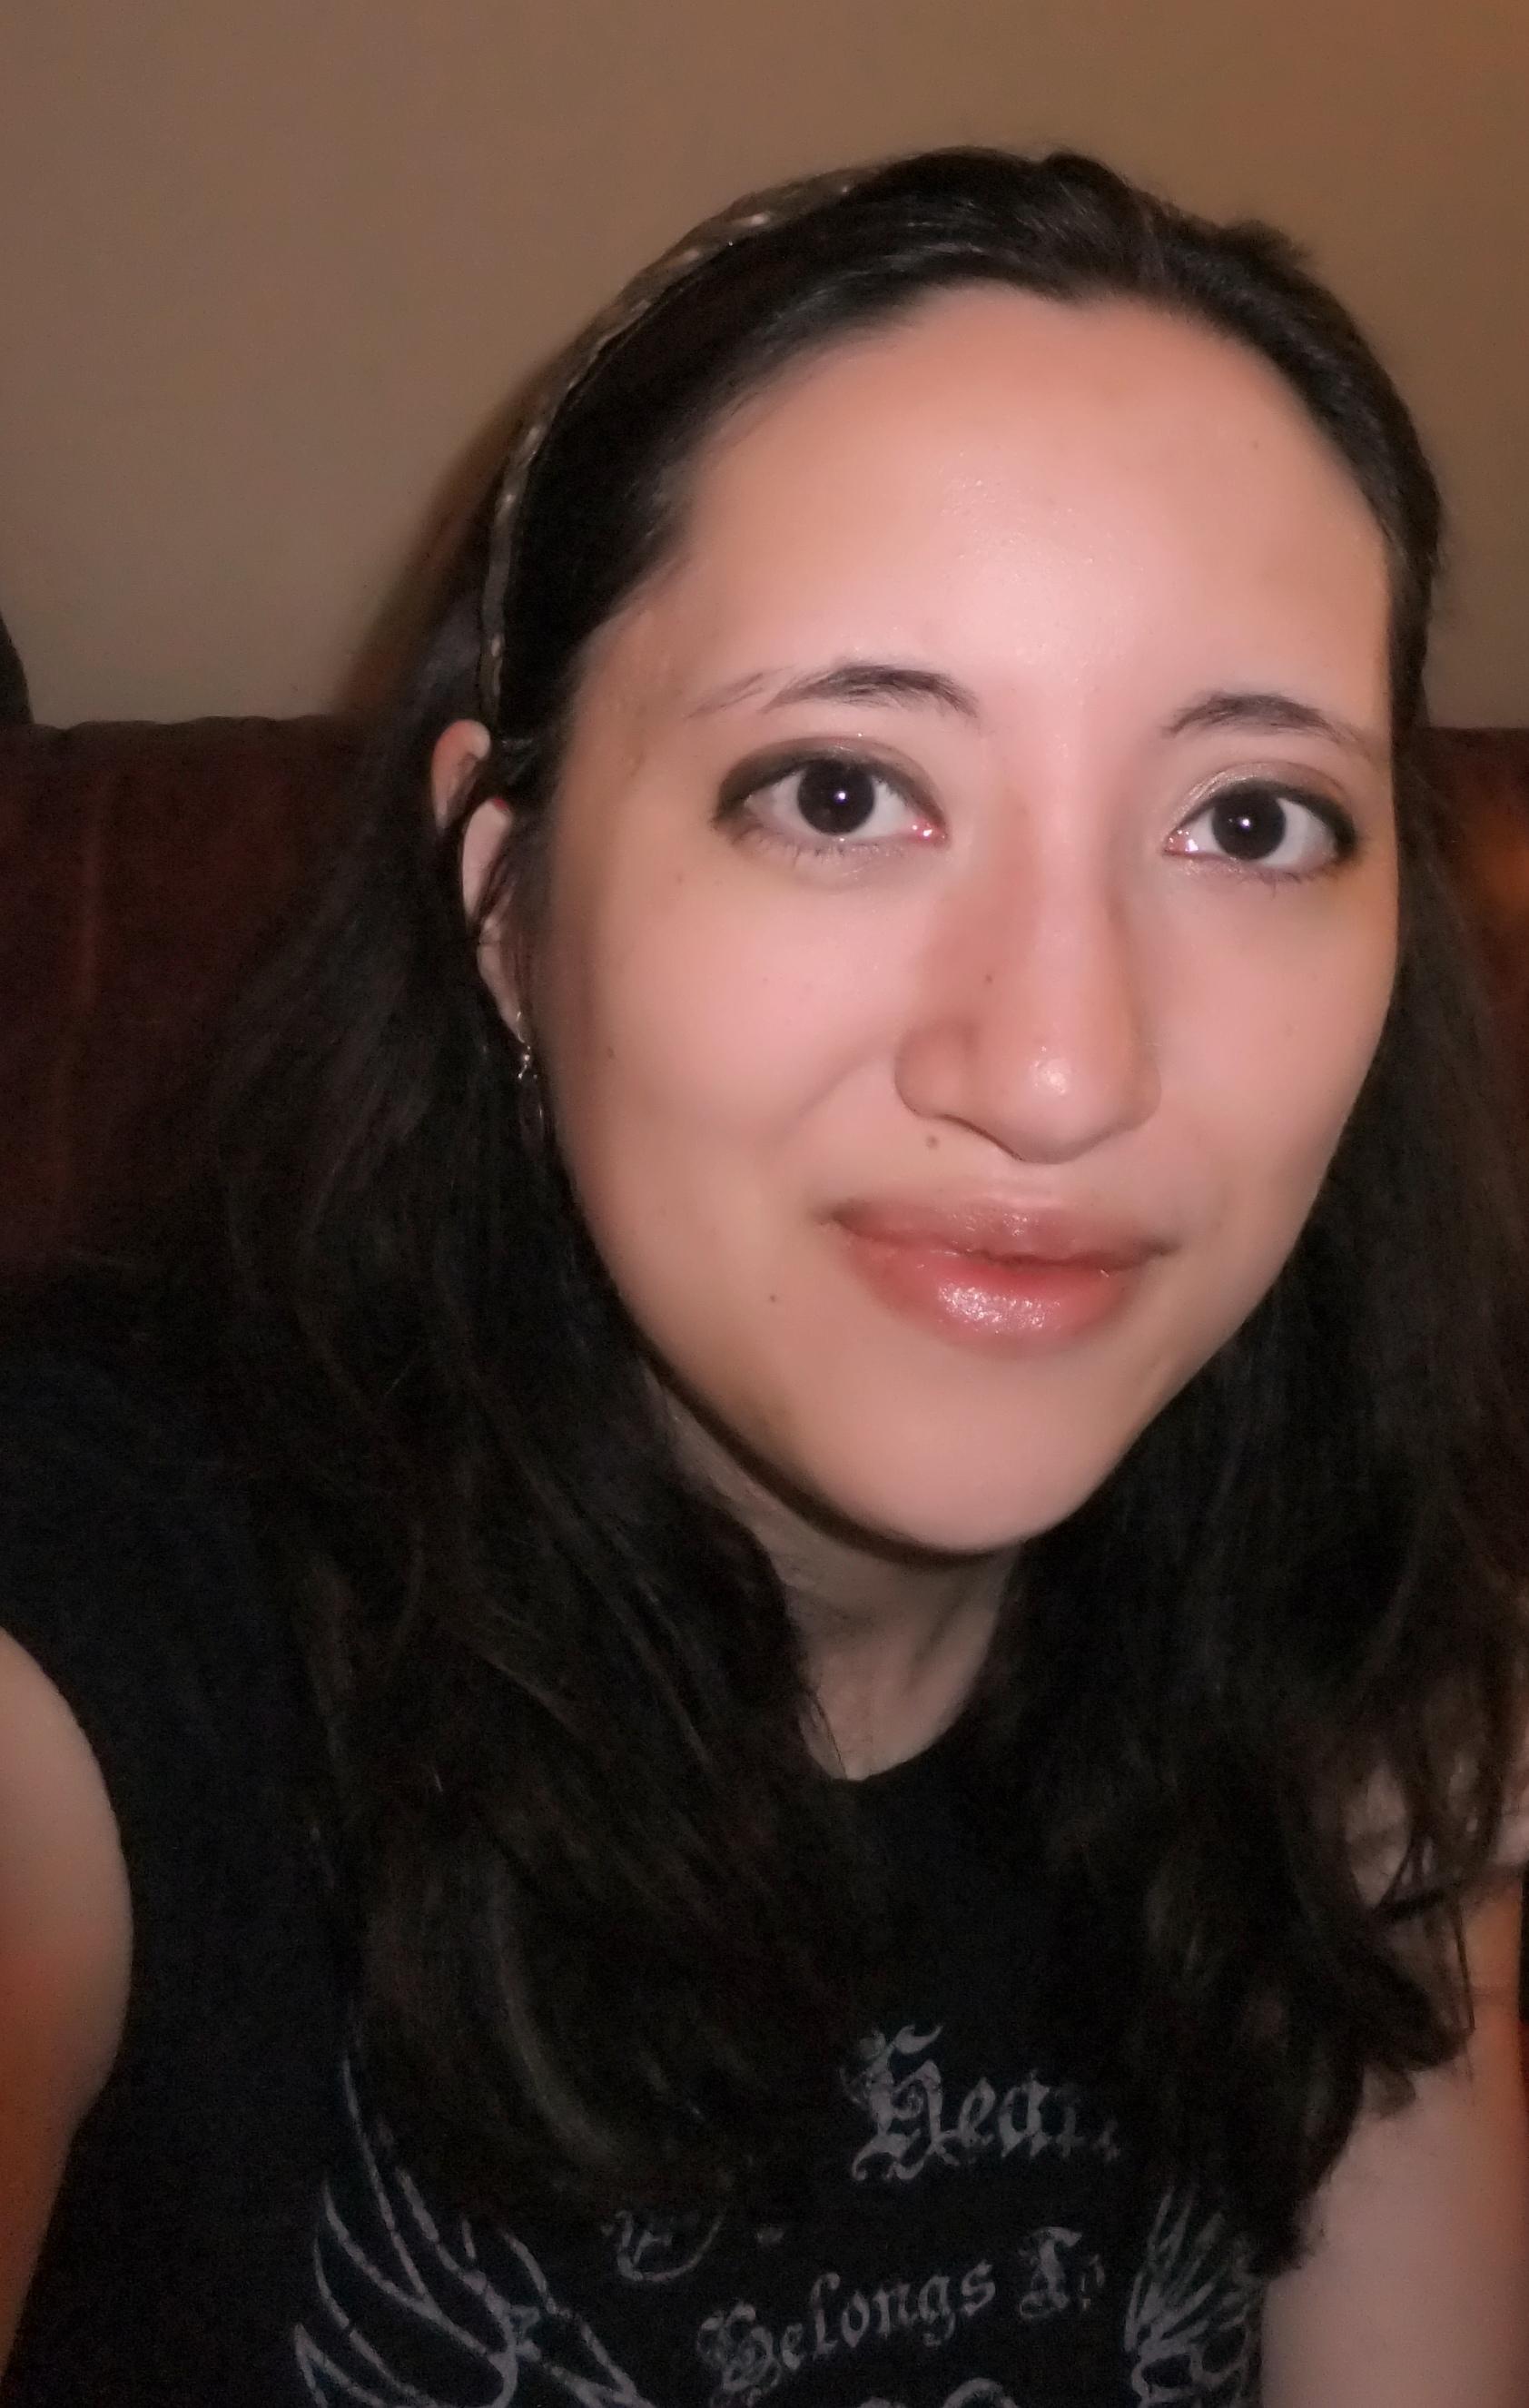 Nadia Bulkin